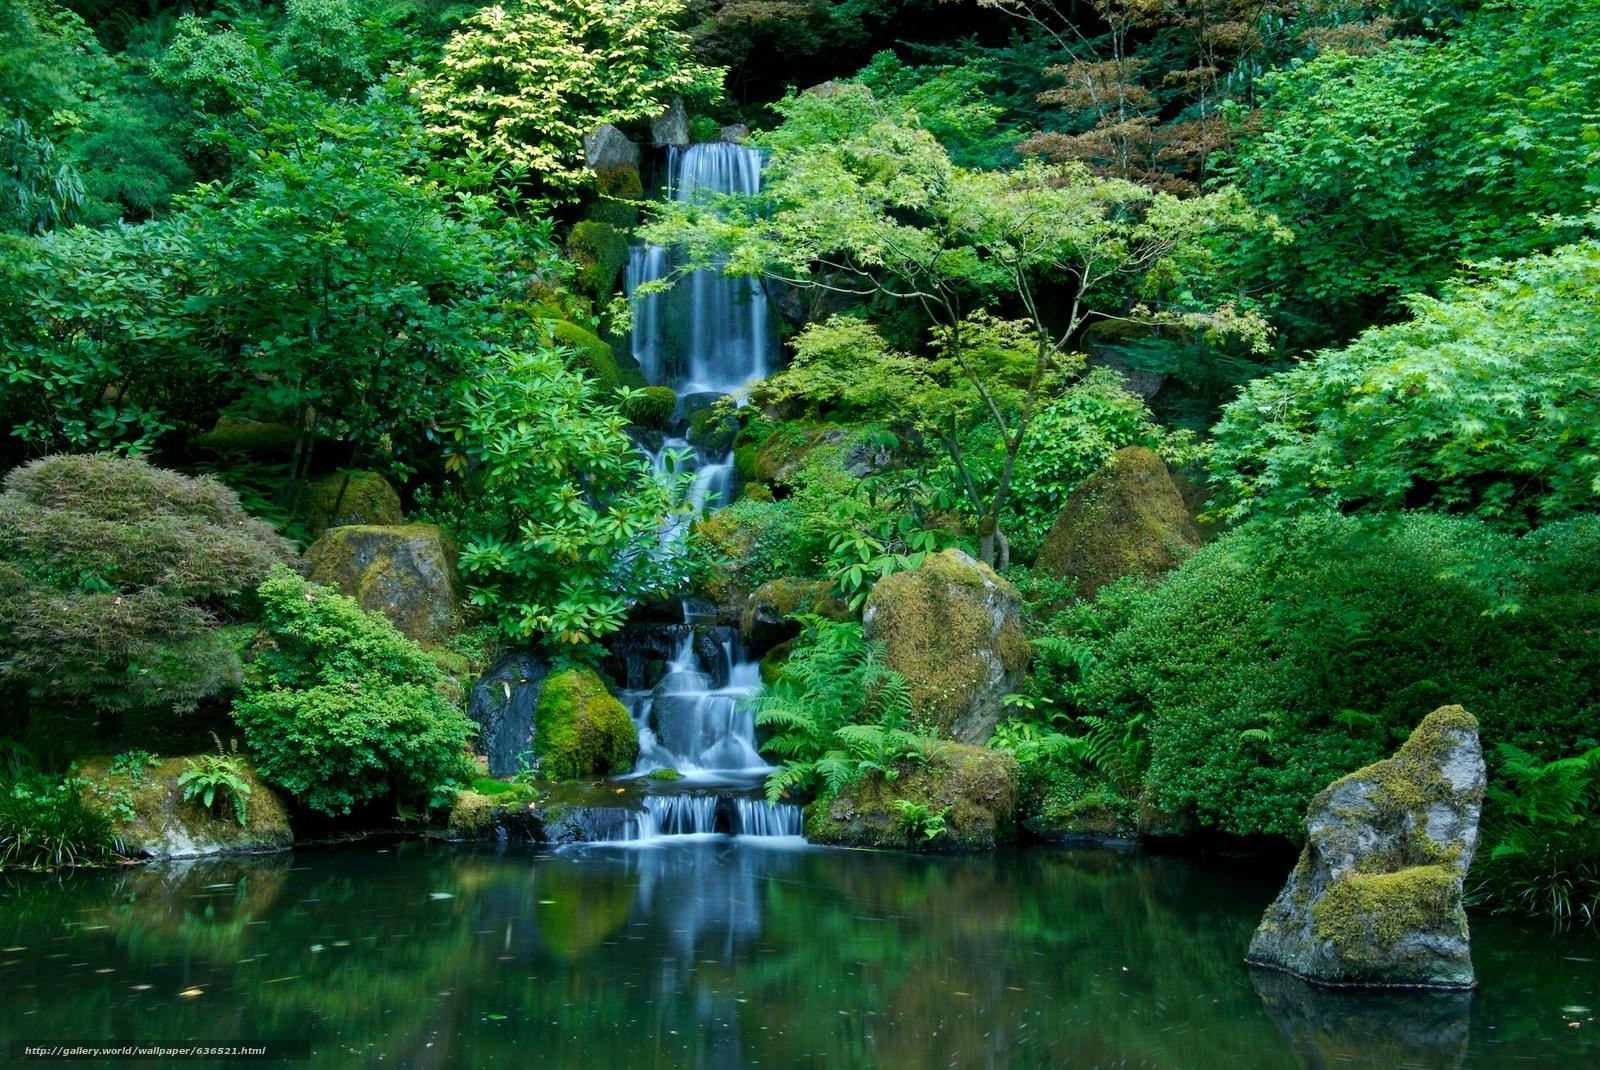 D coration jardin japonais fond d ecran 23 poitiers for Jardin japonais cholet